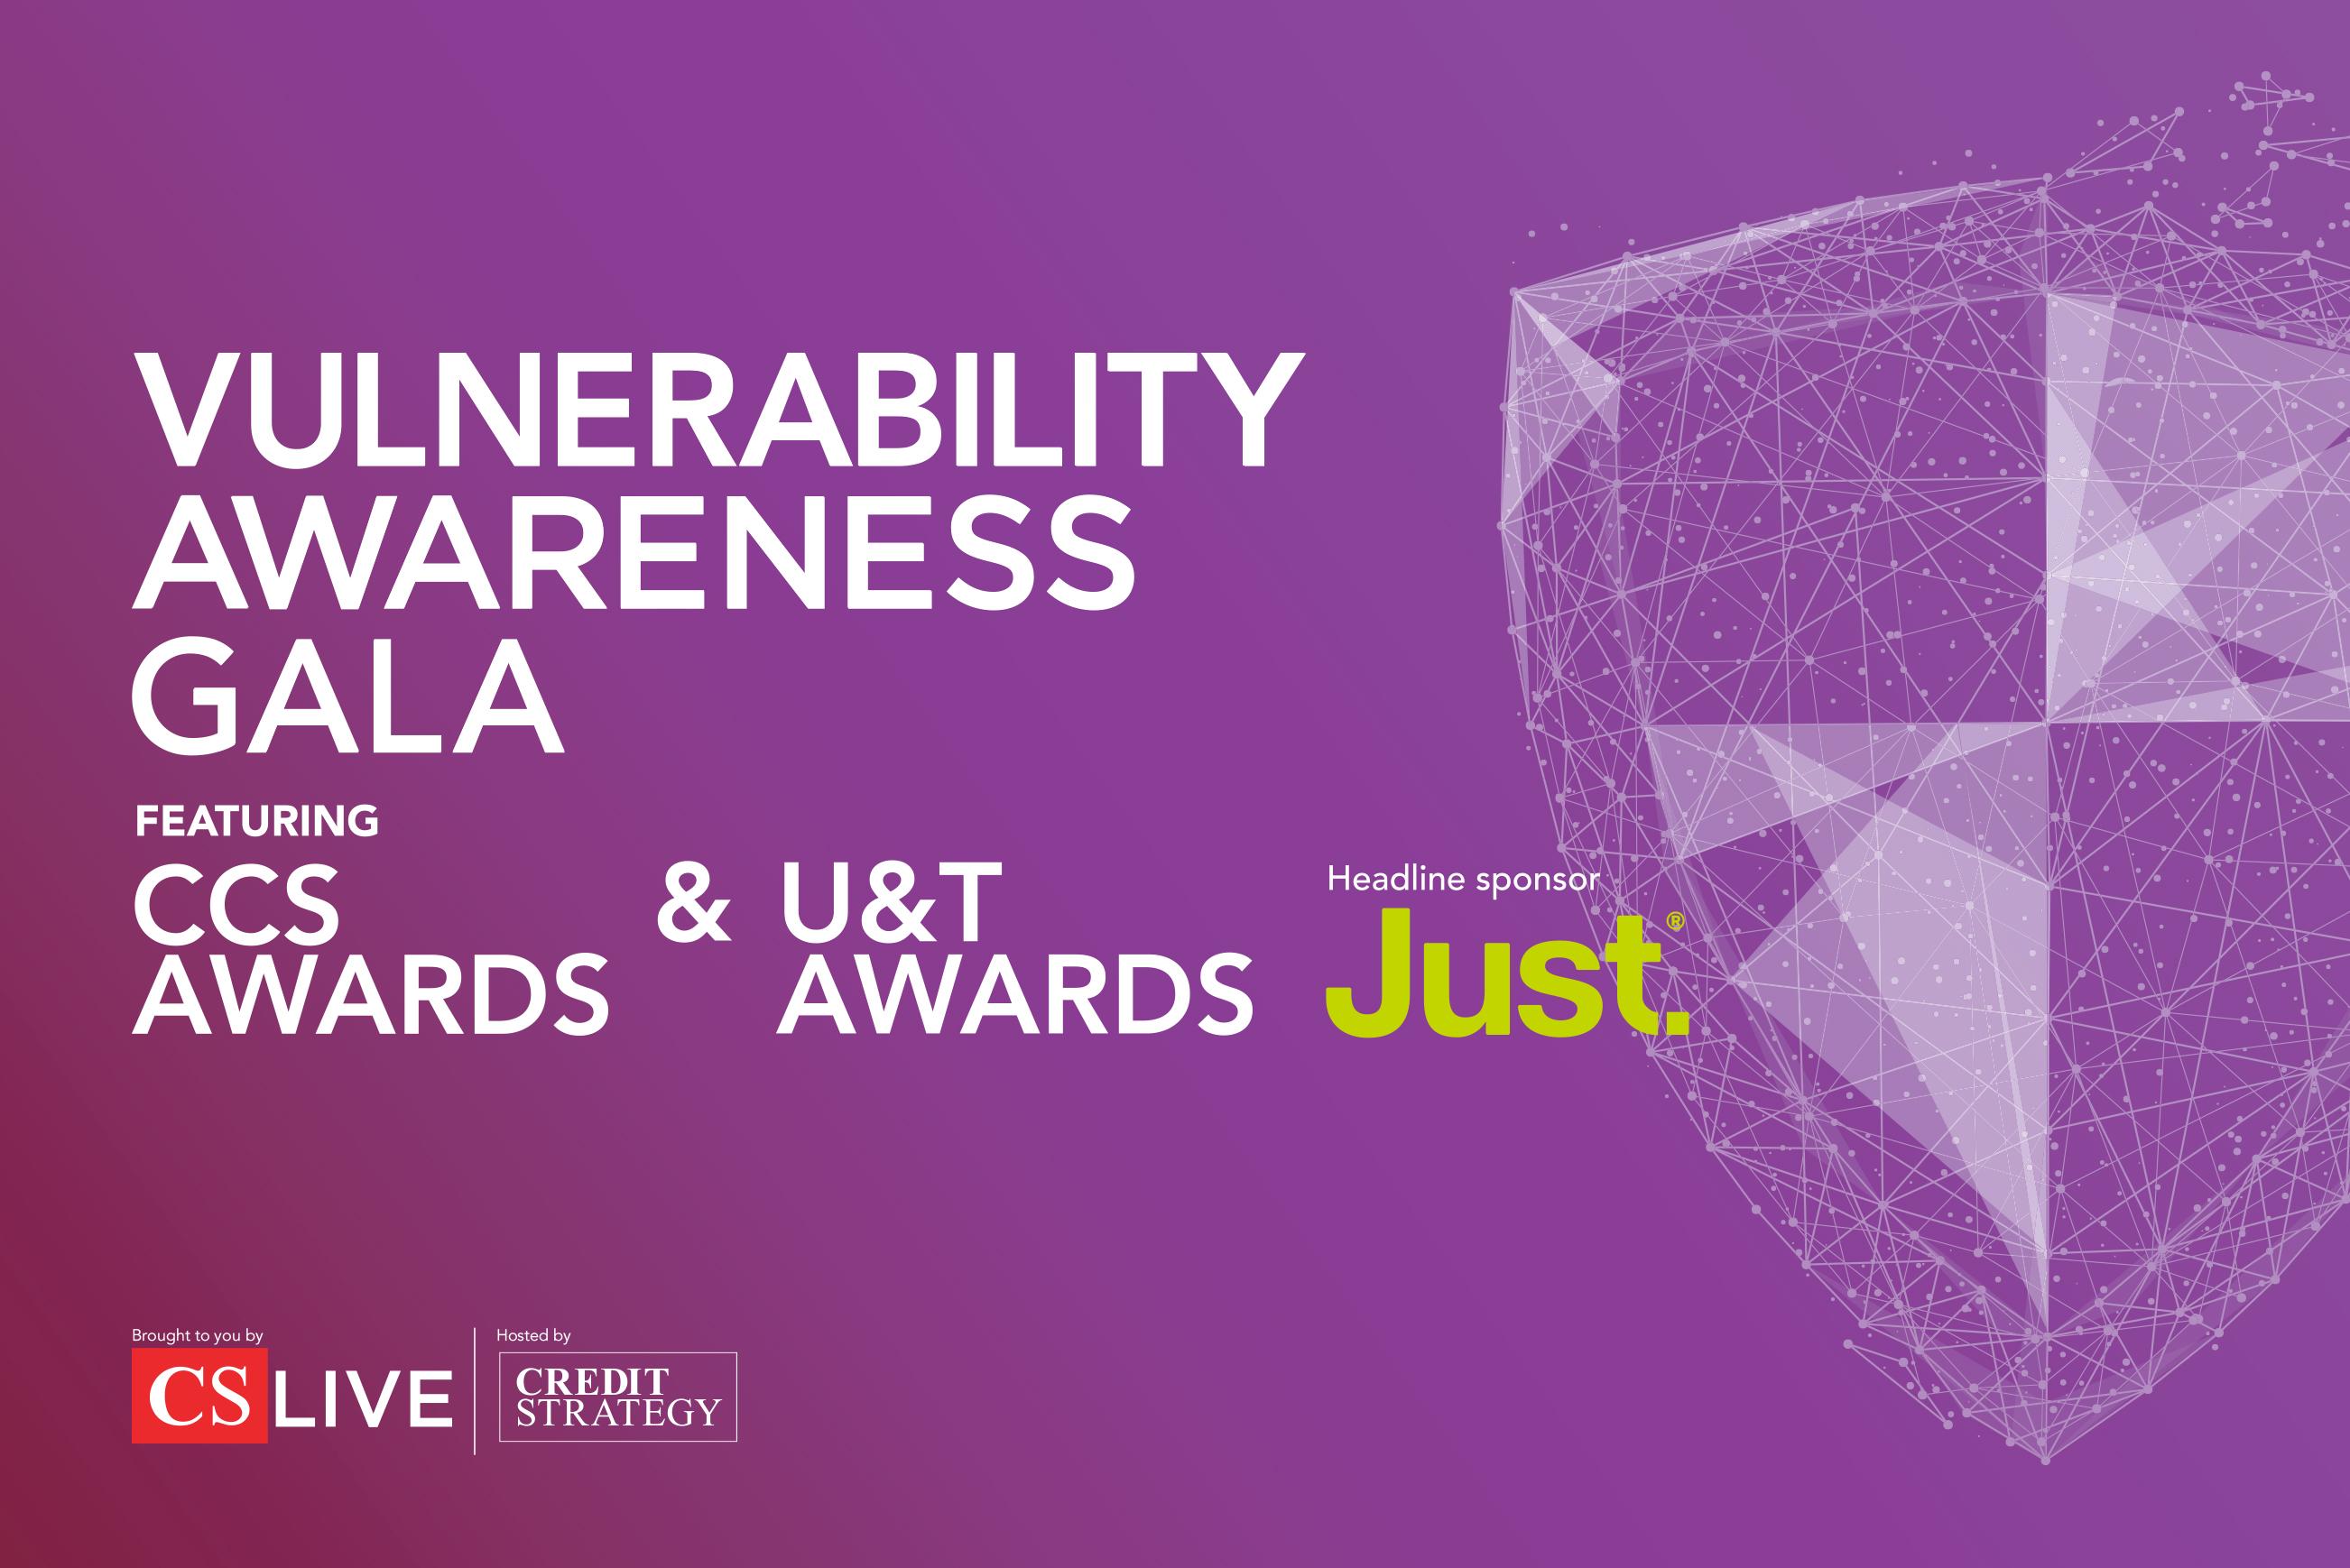 Vulnerability Awareness Gala 2021 - featuring CCS Awards & U&T Awards